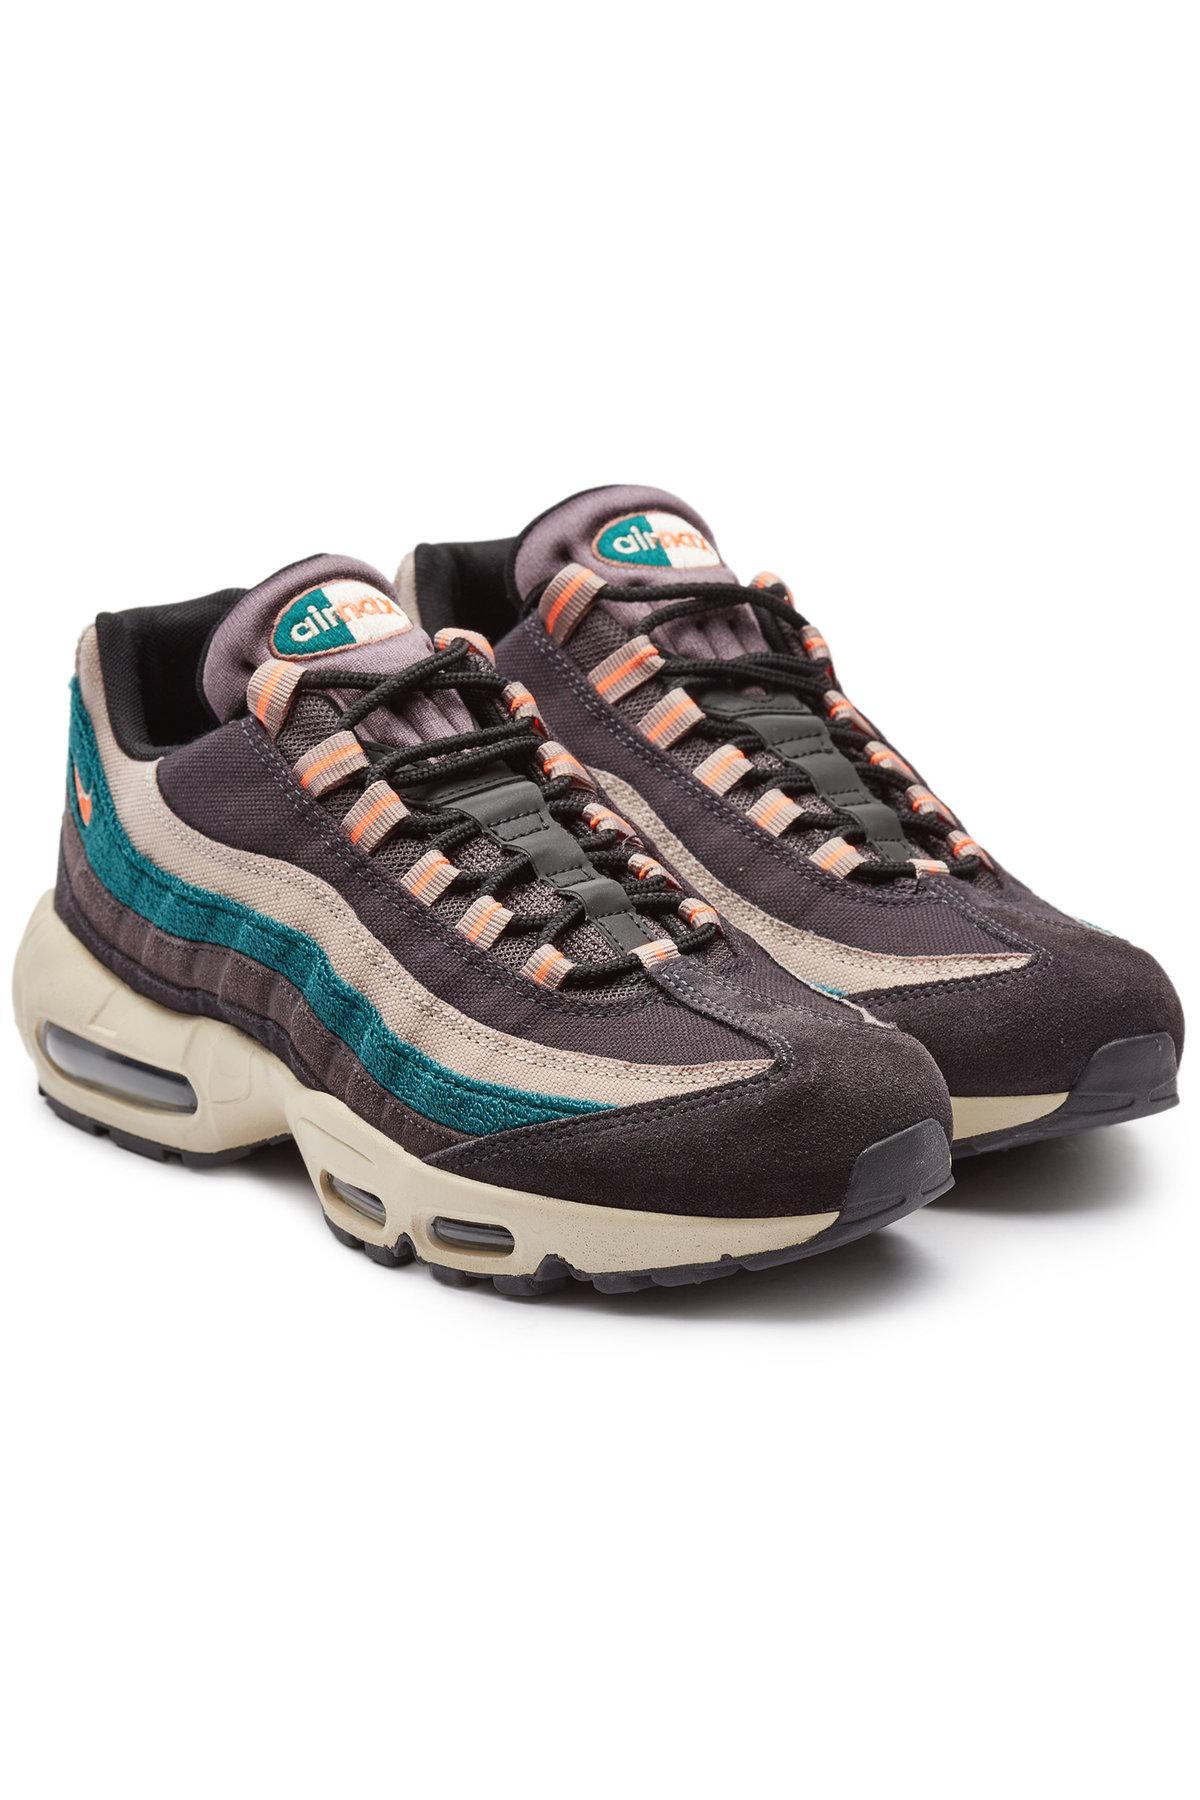 Air Max 95 Premium Suede Sneakers In Multicolored